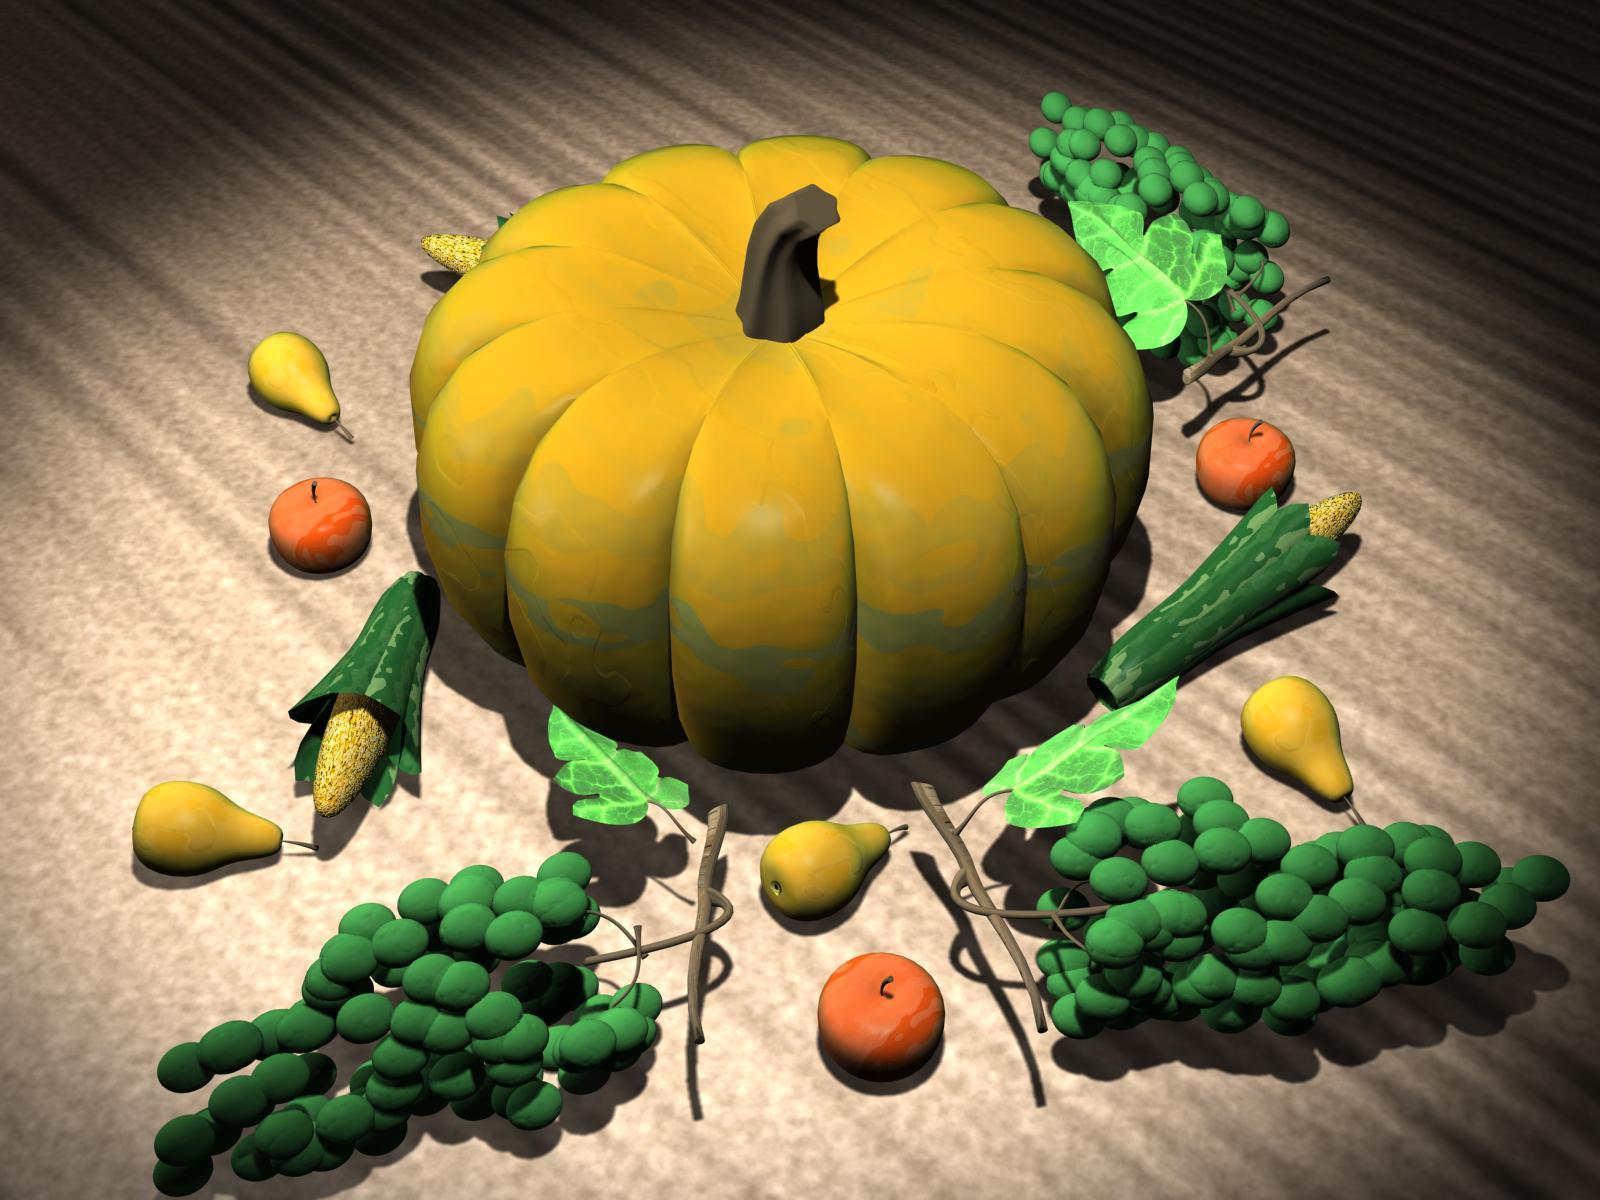 3d pumpkin wallpaper - photo #37